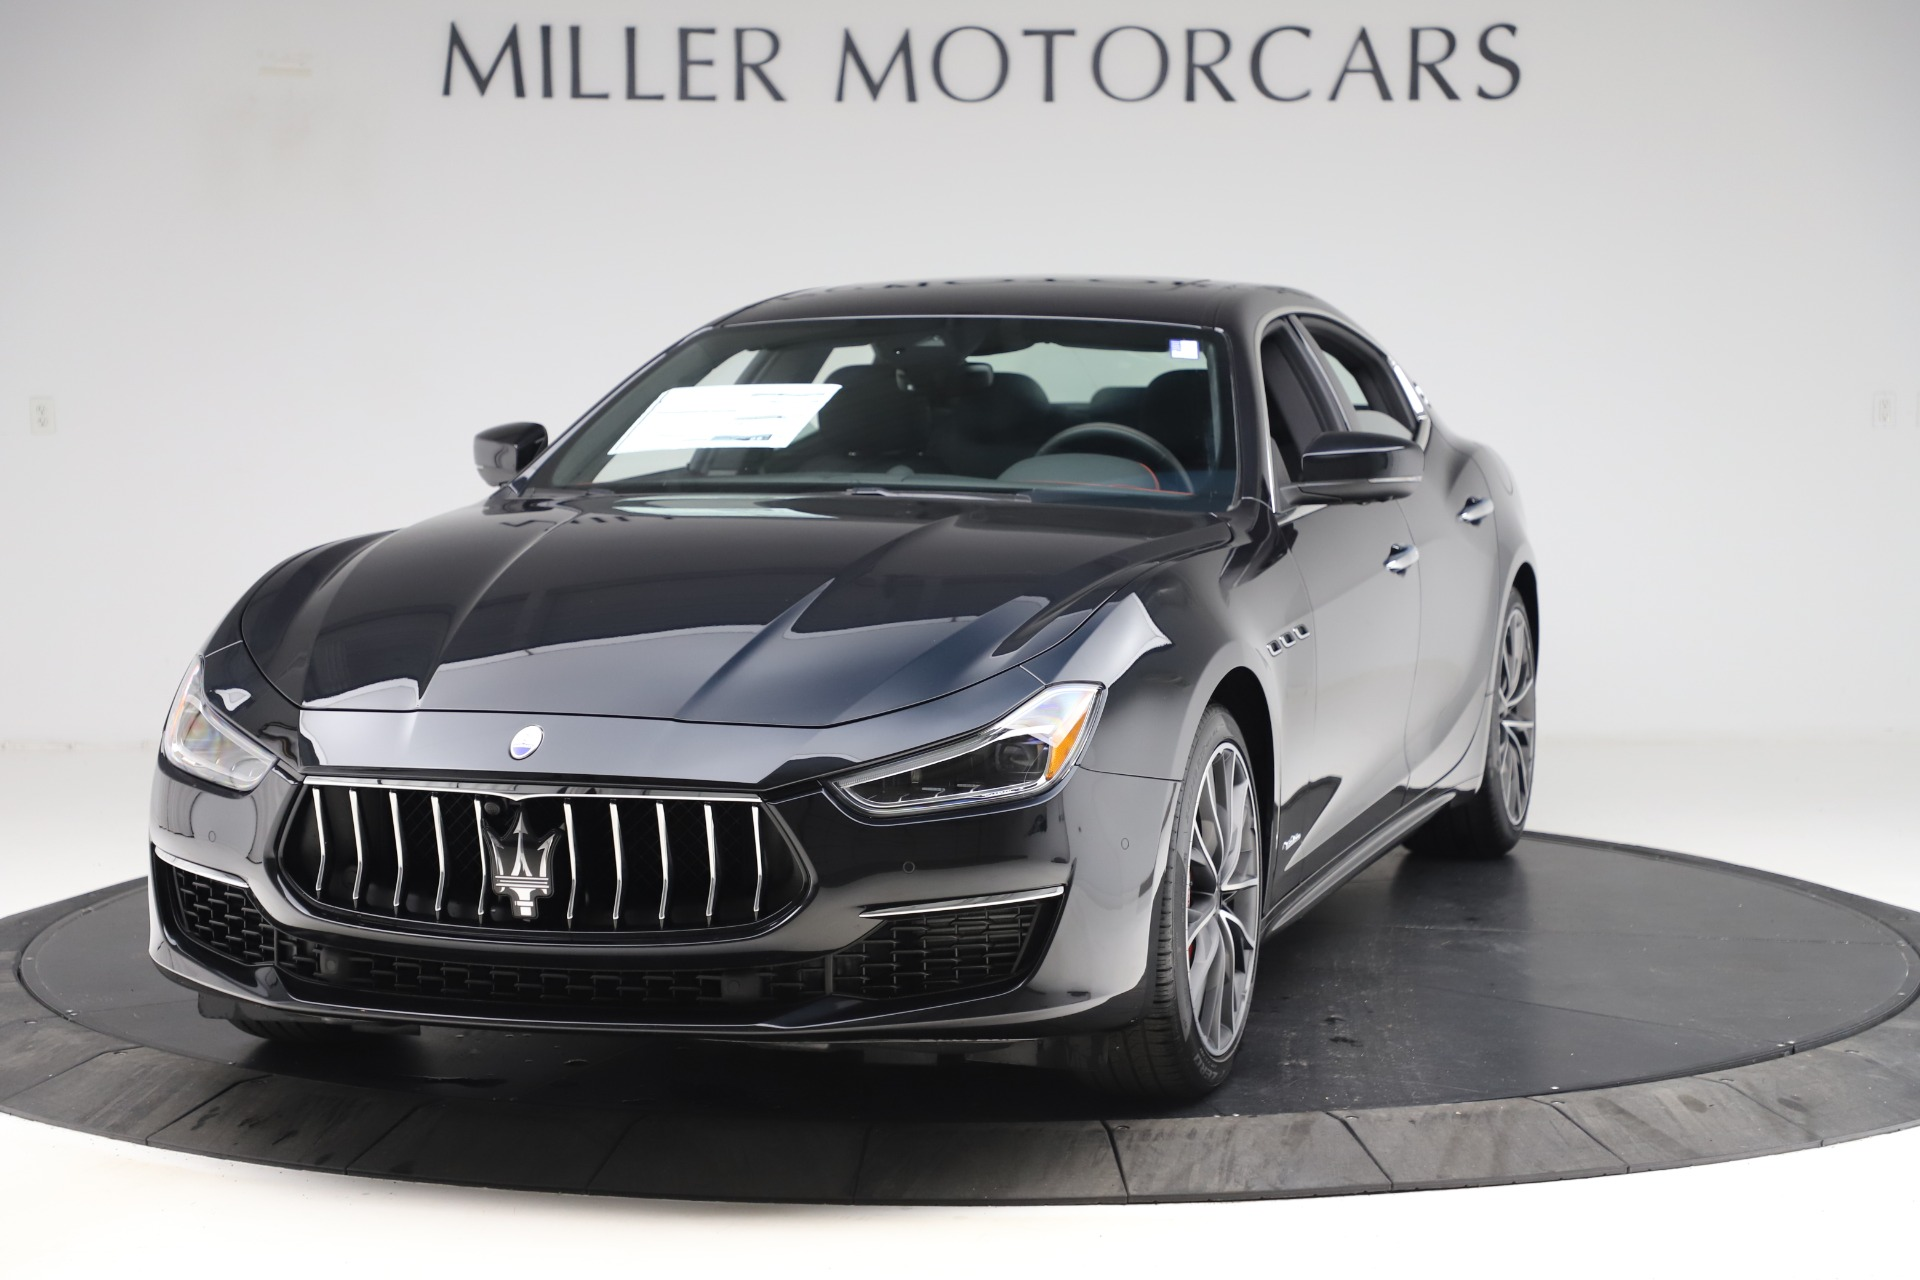 New 2019 Maserati Ghibli S Q4 GranLusso for sale $98,395 at Alfa Romeo of Westport in Westport CT 06880 1